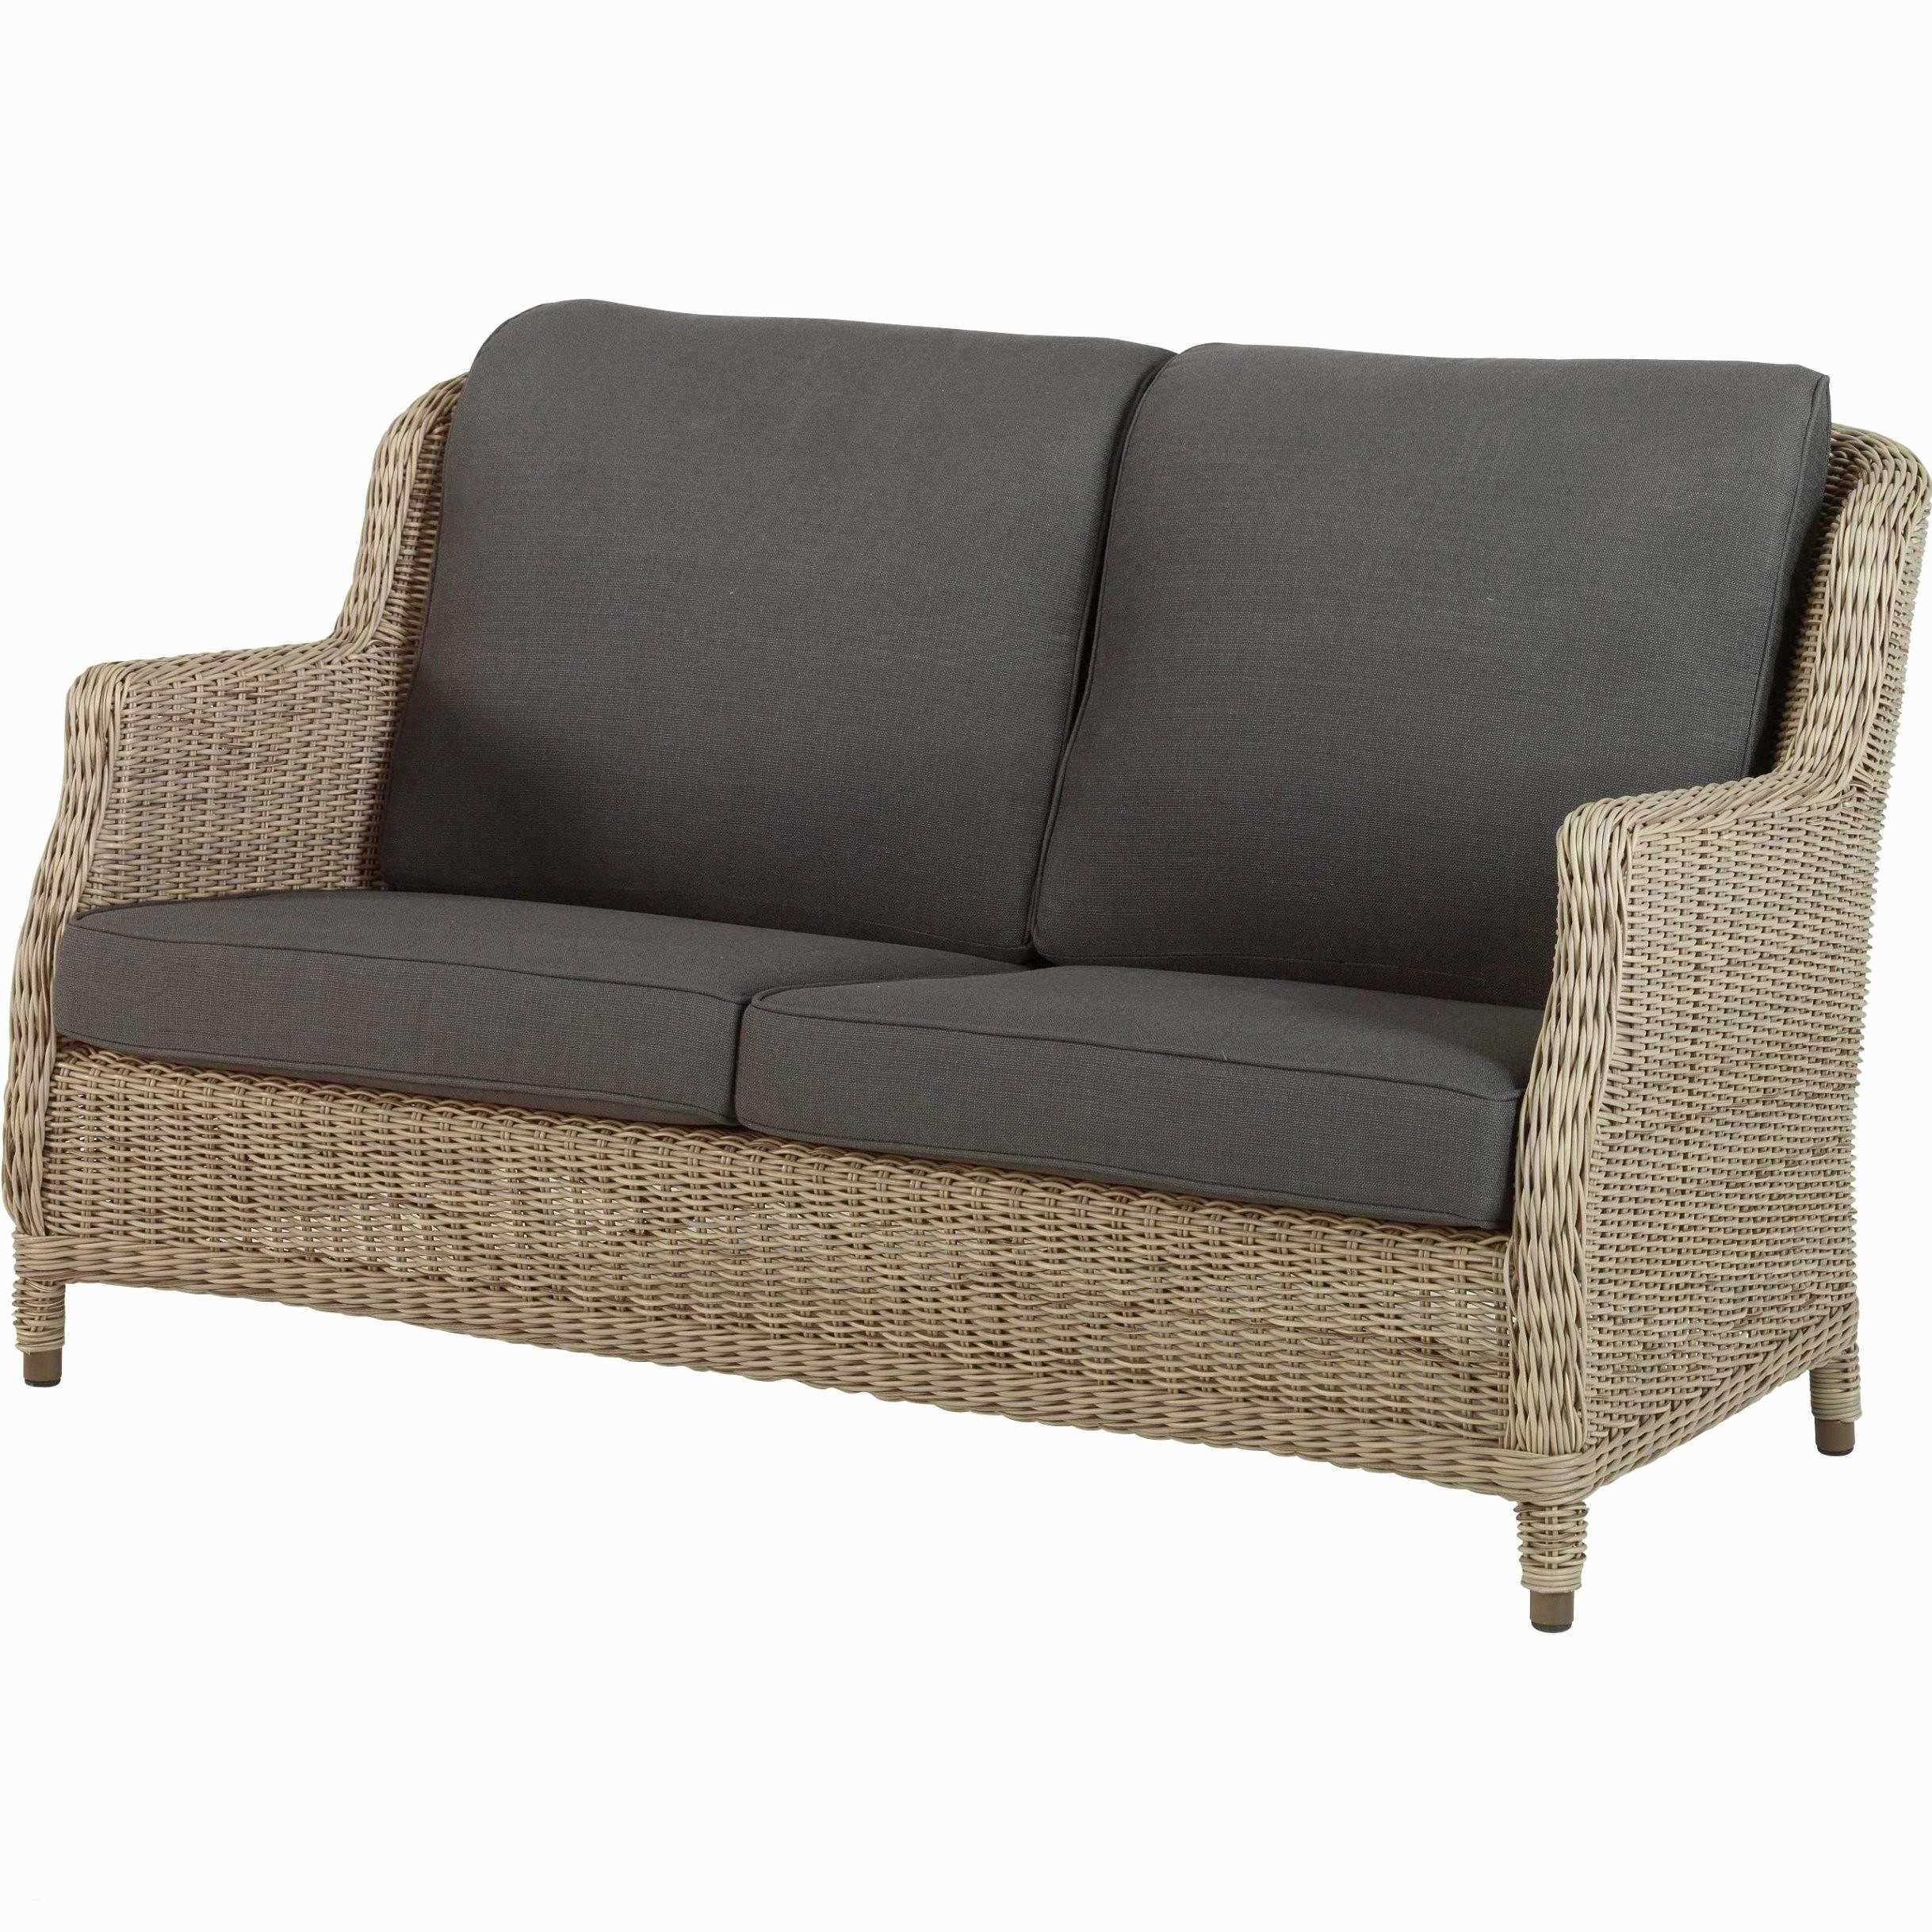 sofas fur kleine wohnzimmer das beste von 50 einzigartig von sofas im angebot planen of sofas fur kleine wohnzimmer